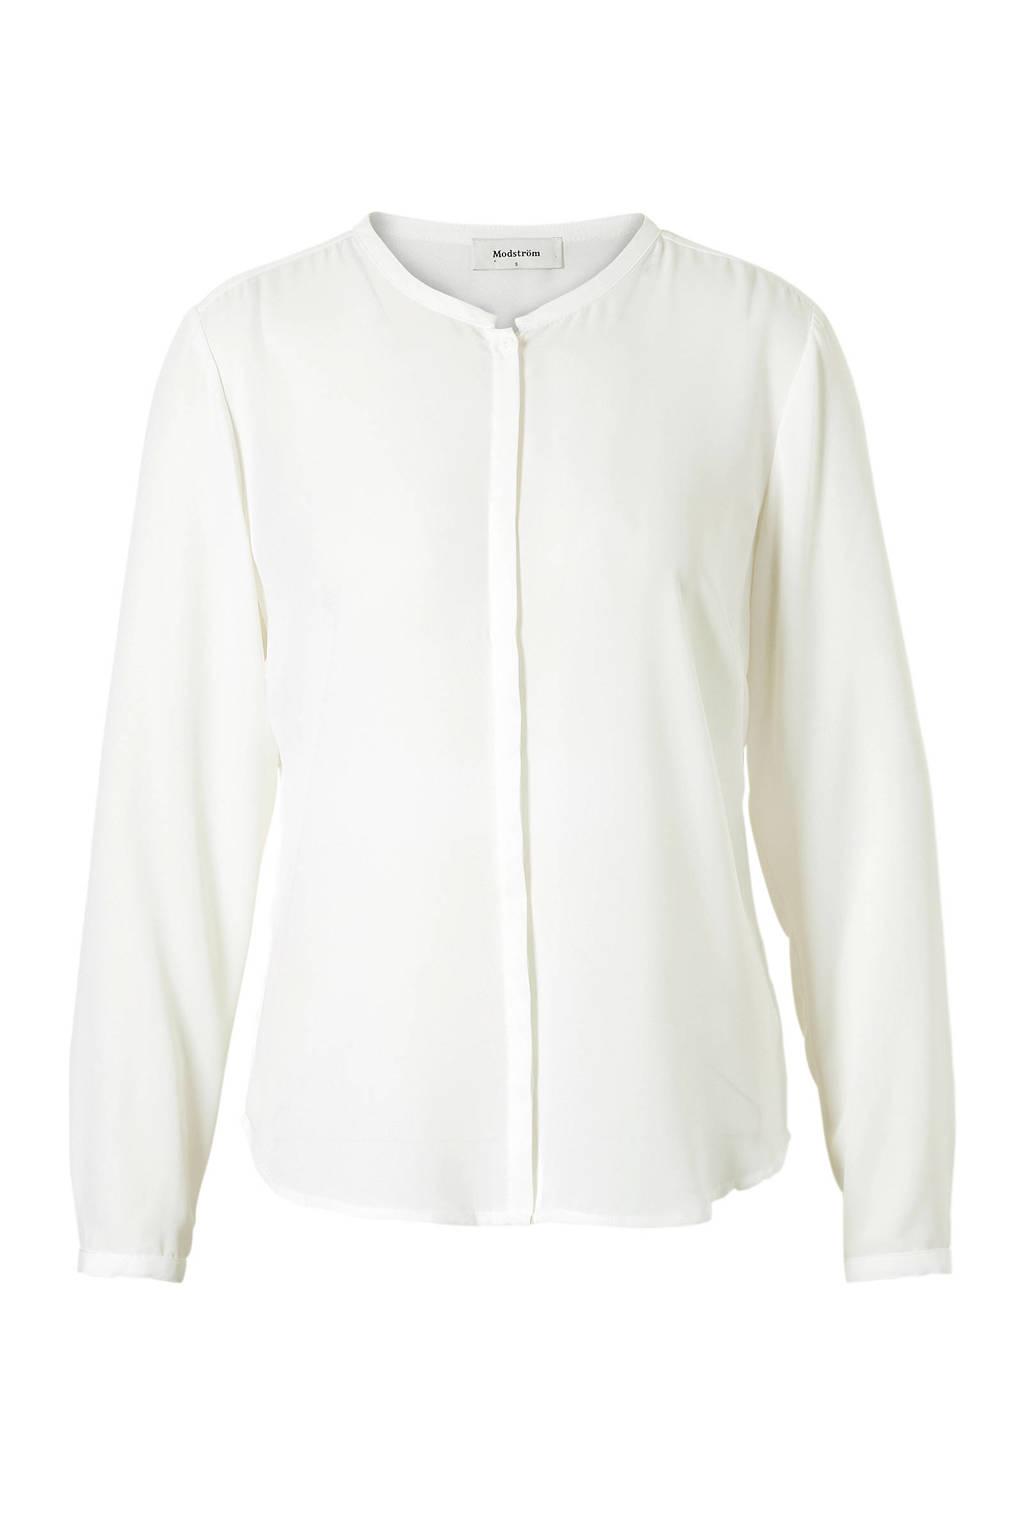 Modström Cylar blouse wit, Wit